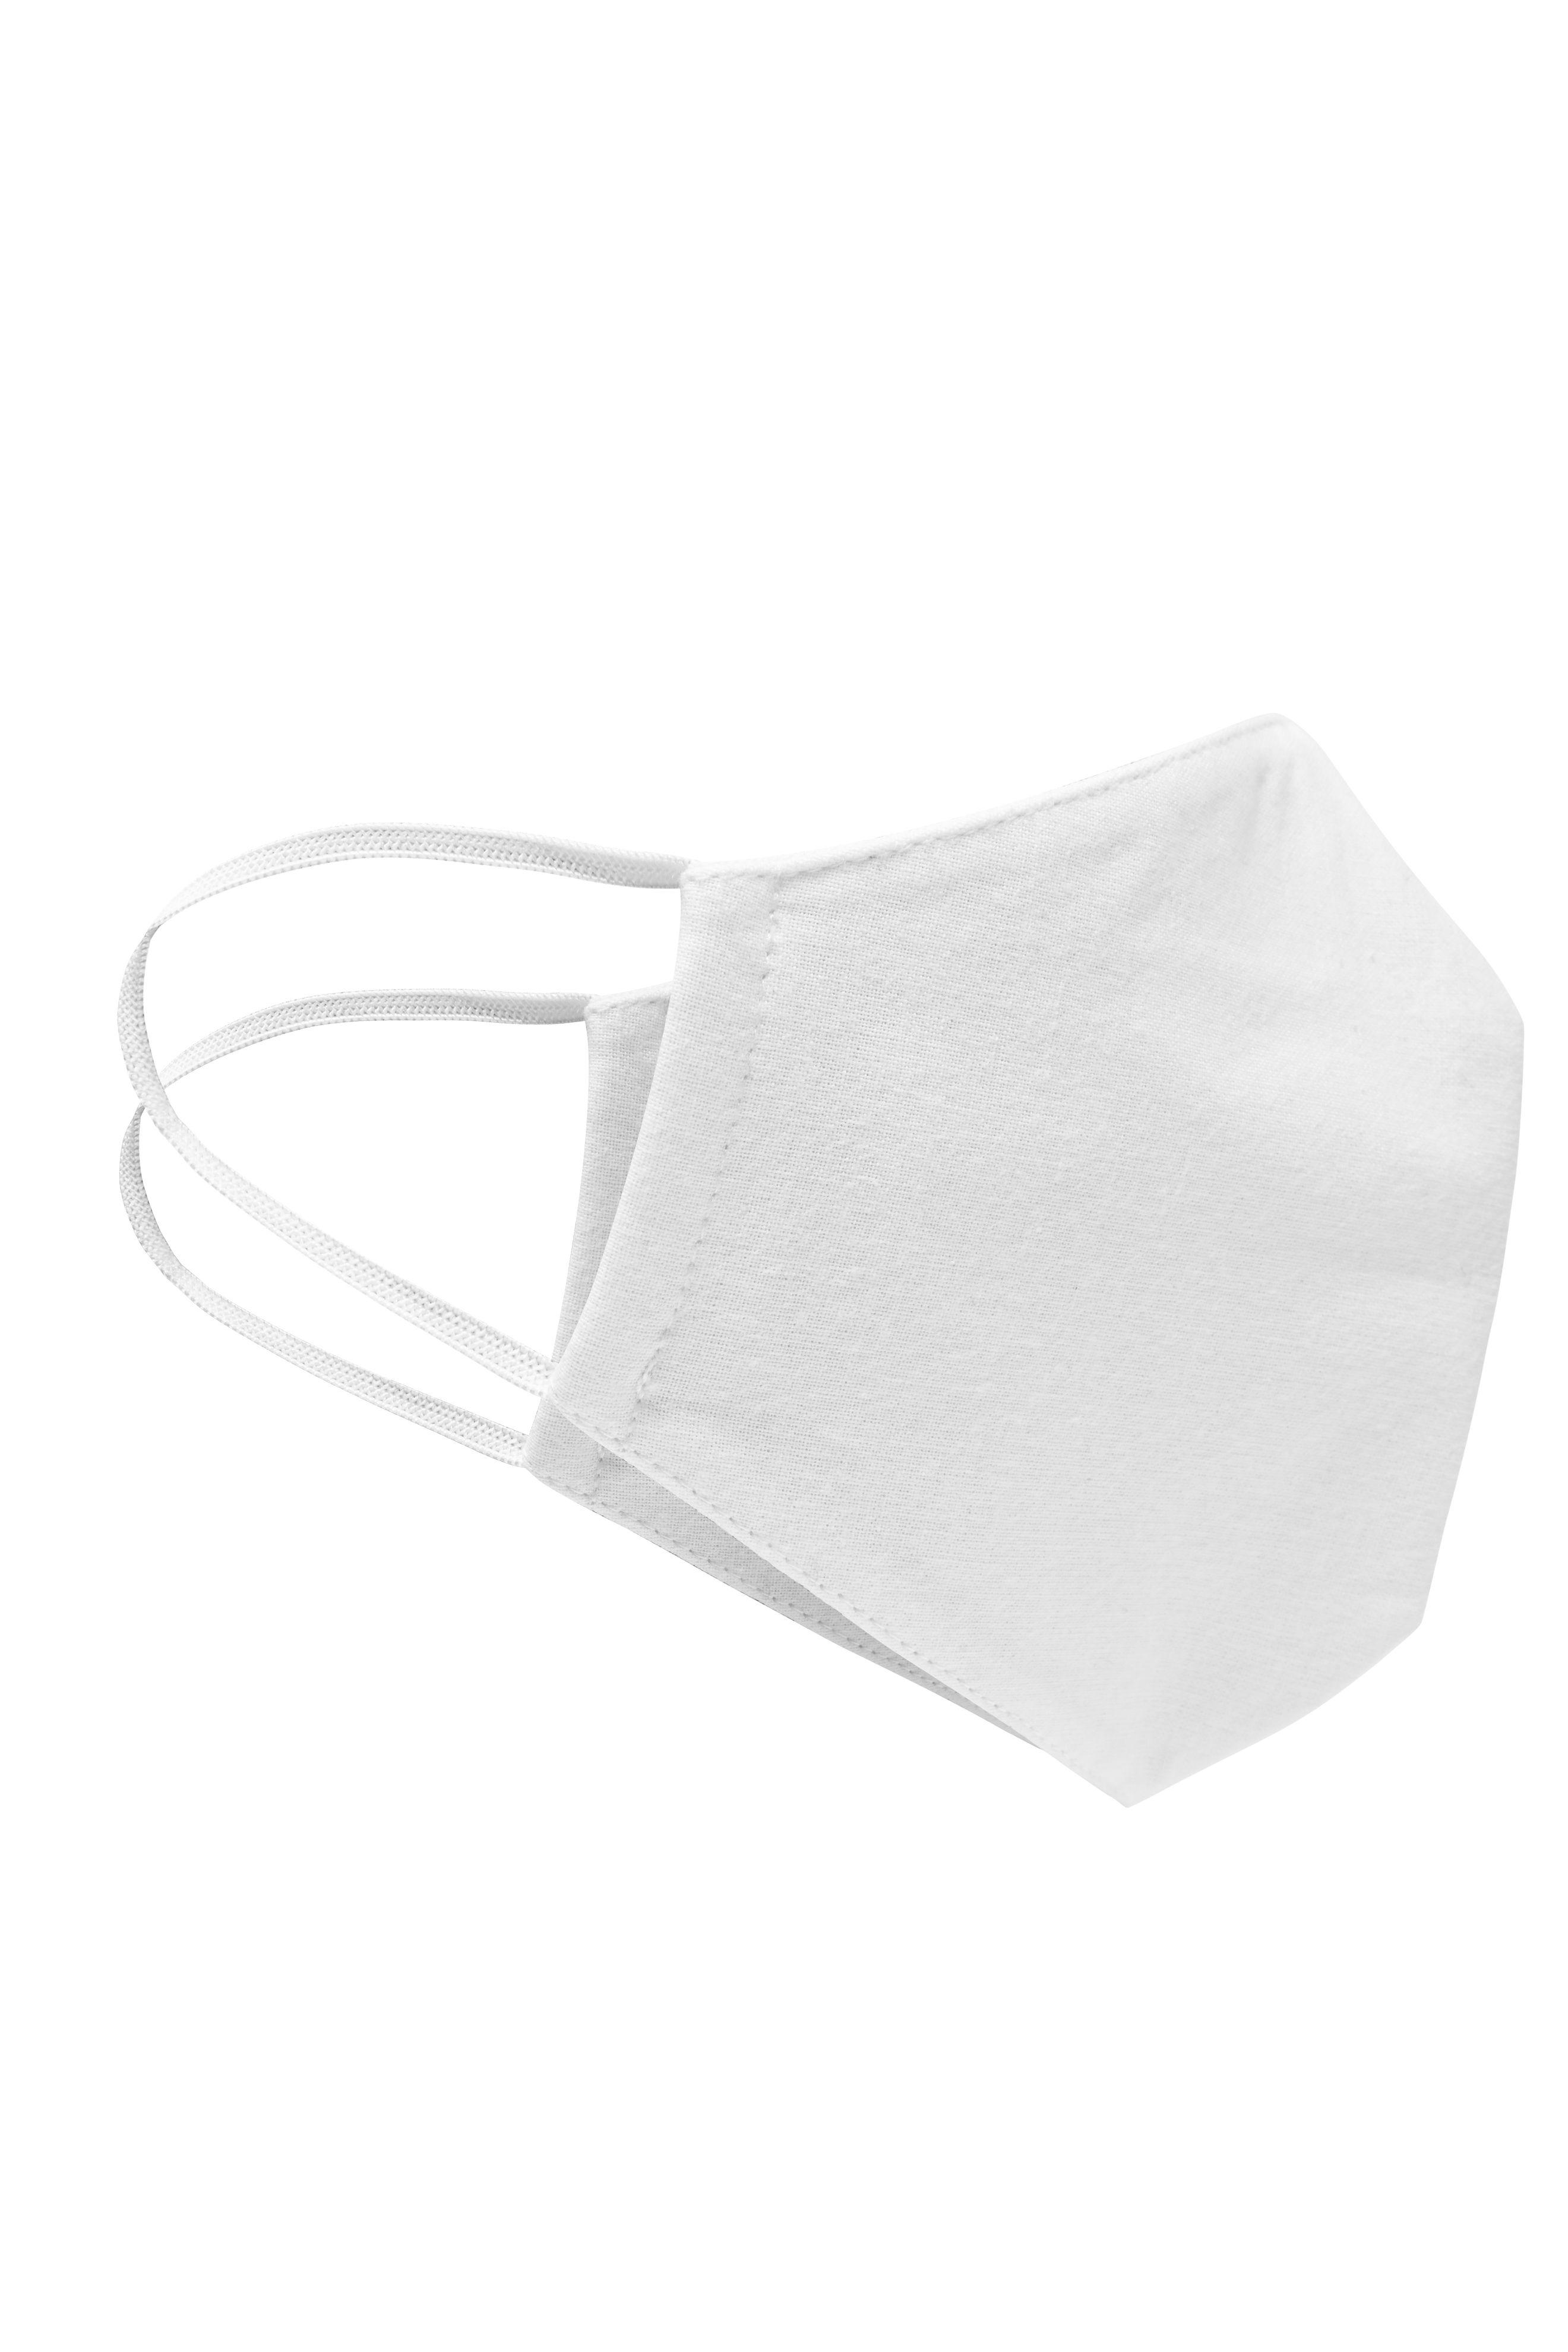 waschbare Mund-Nasen-Maske, weiß